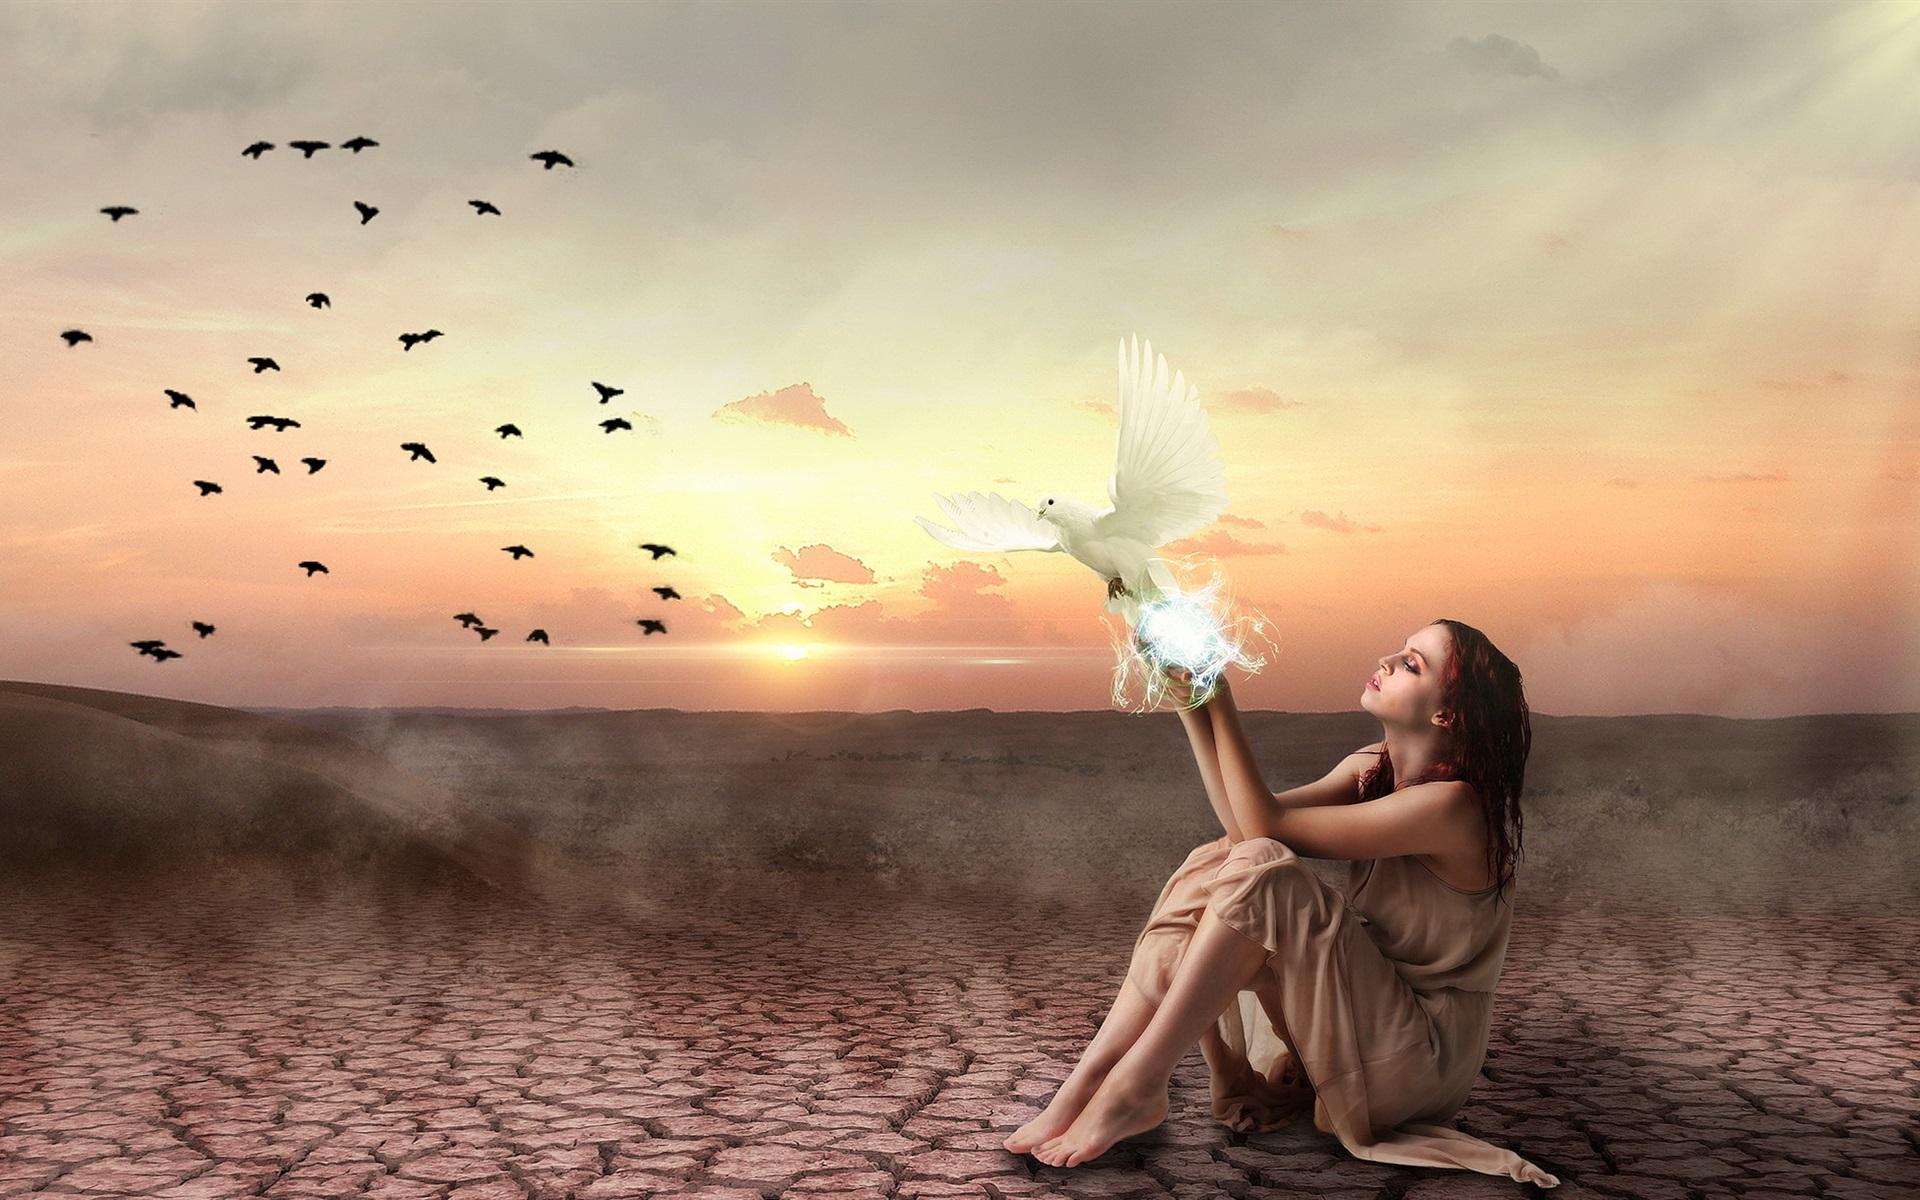 Картинка с голубями а ты бы улетел, февраля поздравления